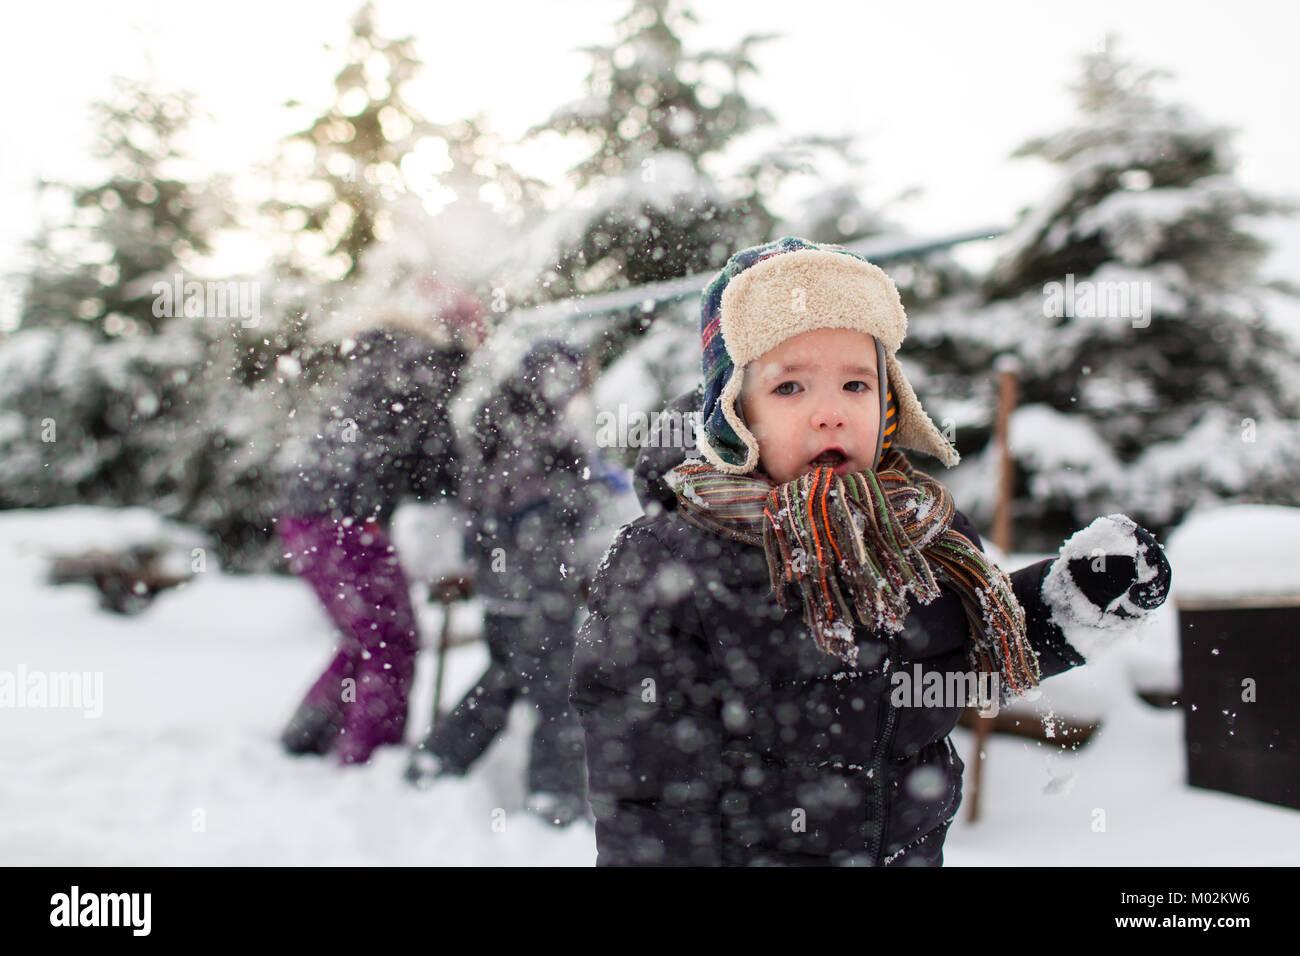 Vista frontal de un niño pequeño con la boca abierta y su familia lucha de bola de nieve en el fondo. Imagen De Stock